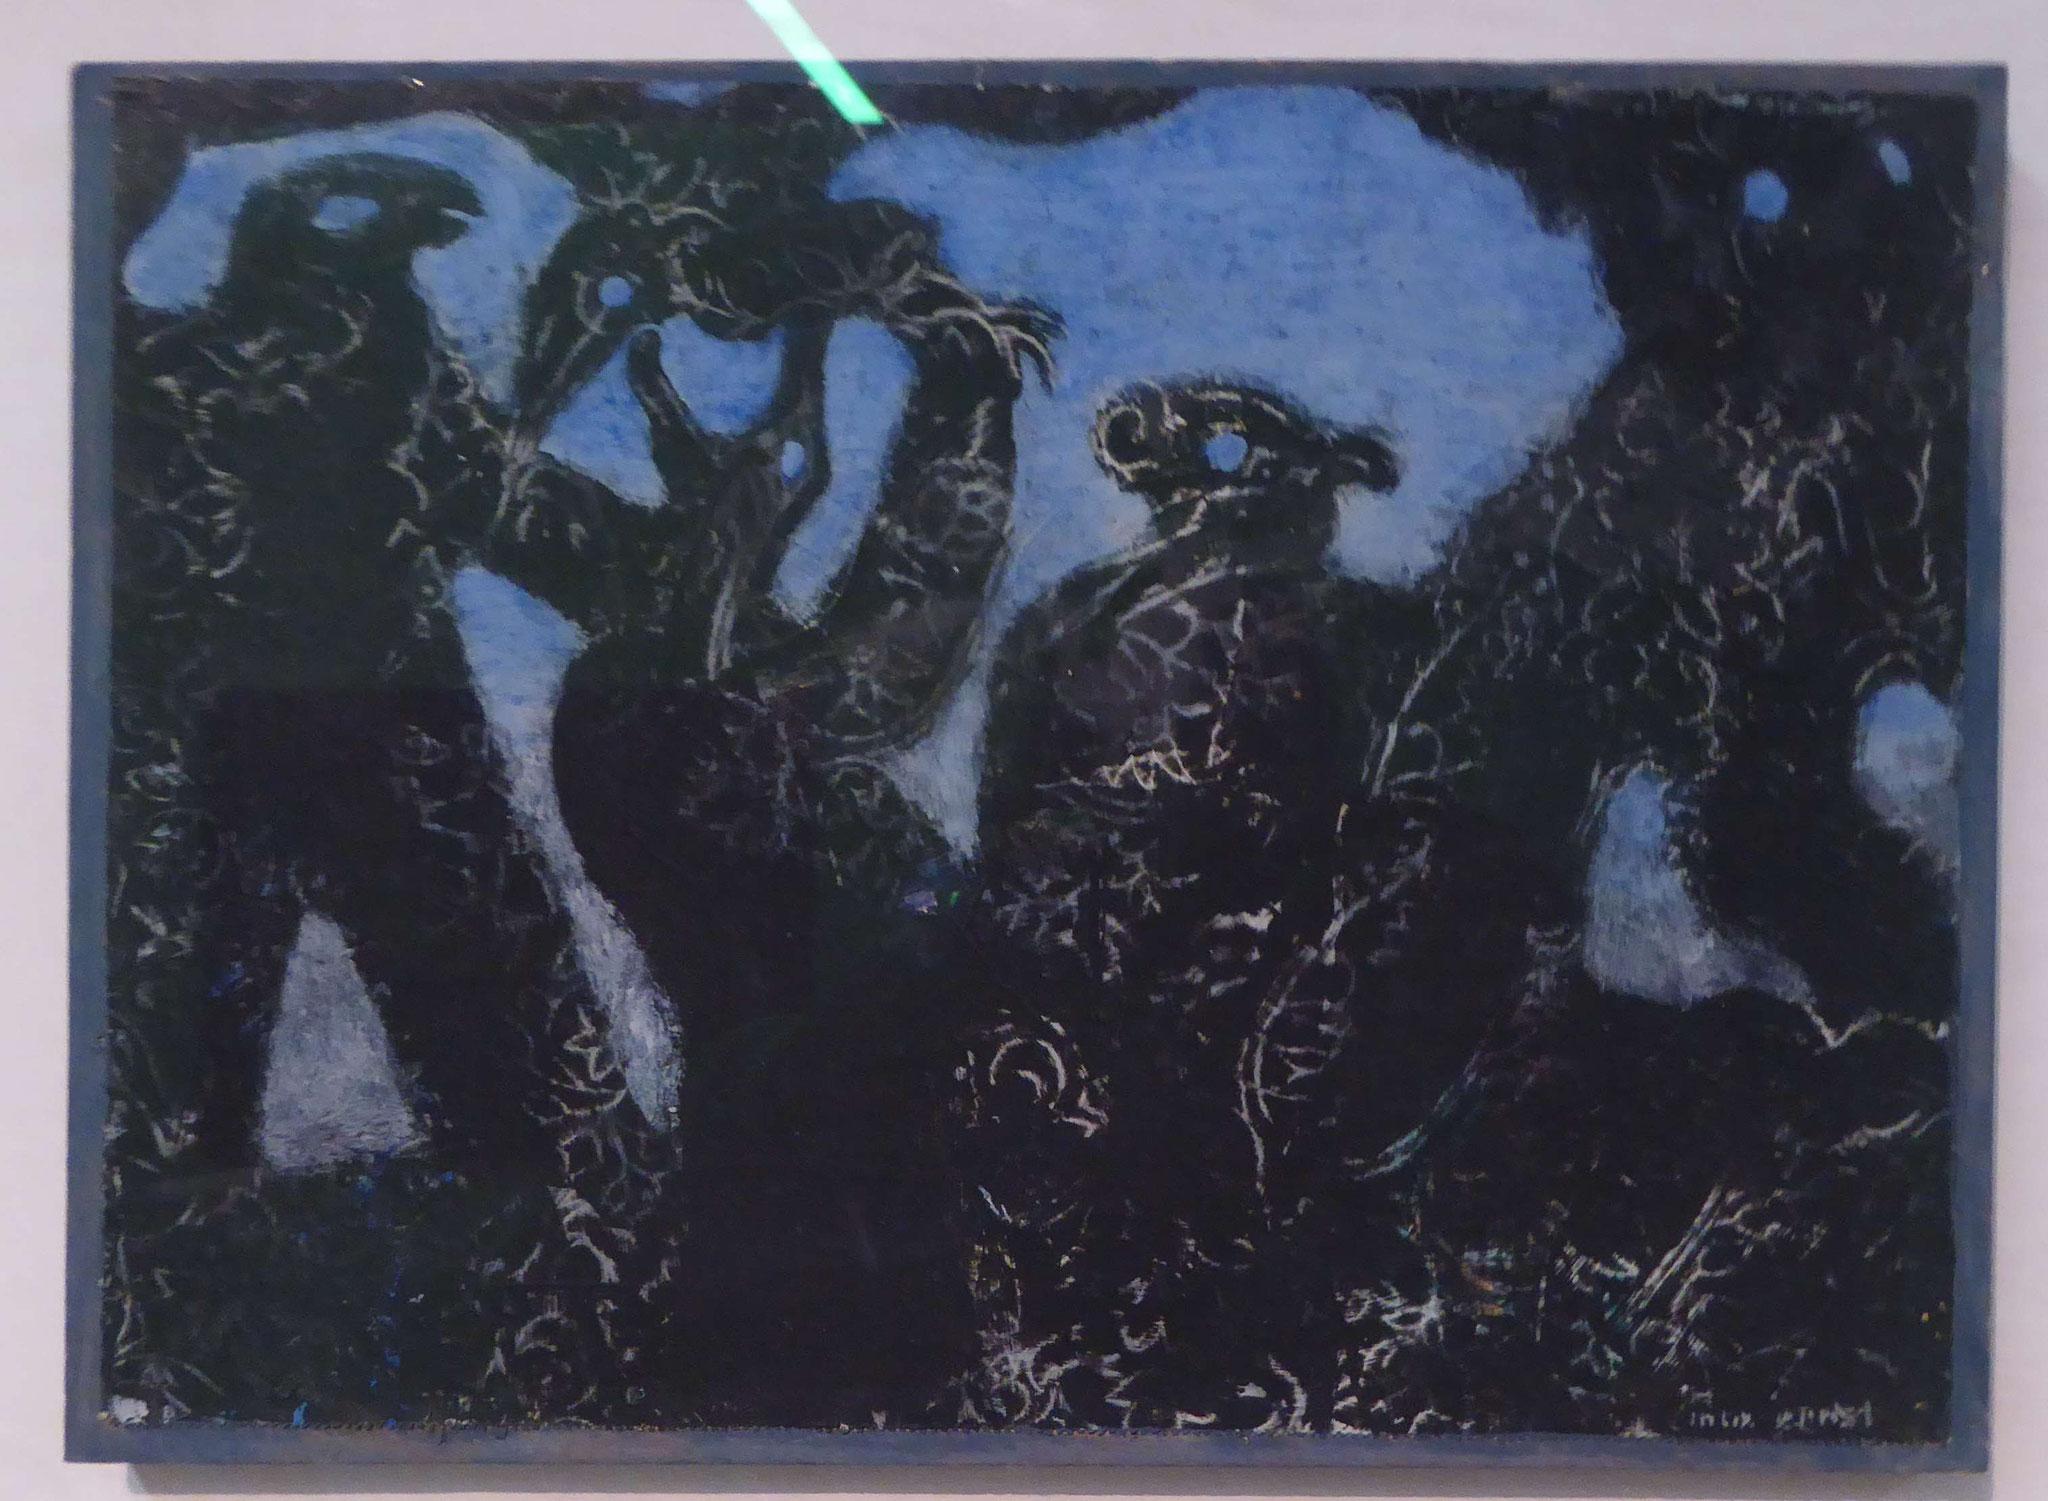 Max Ernst, Kampf zweier Bischöfe, 1930, Museum Moritzburg, Halle